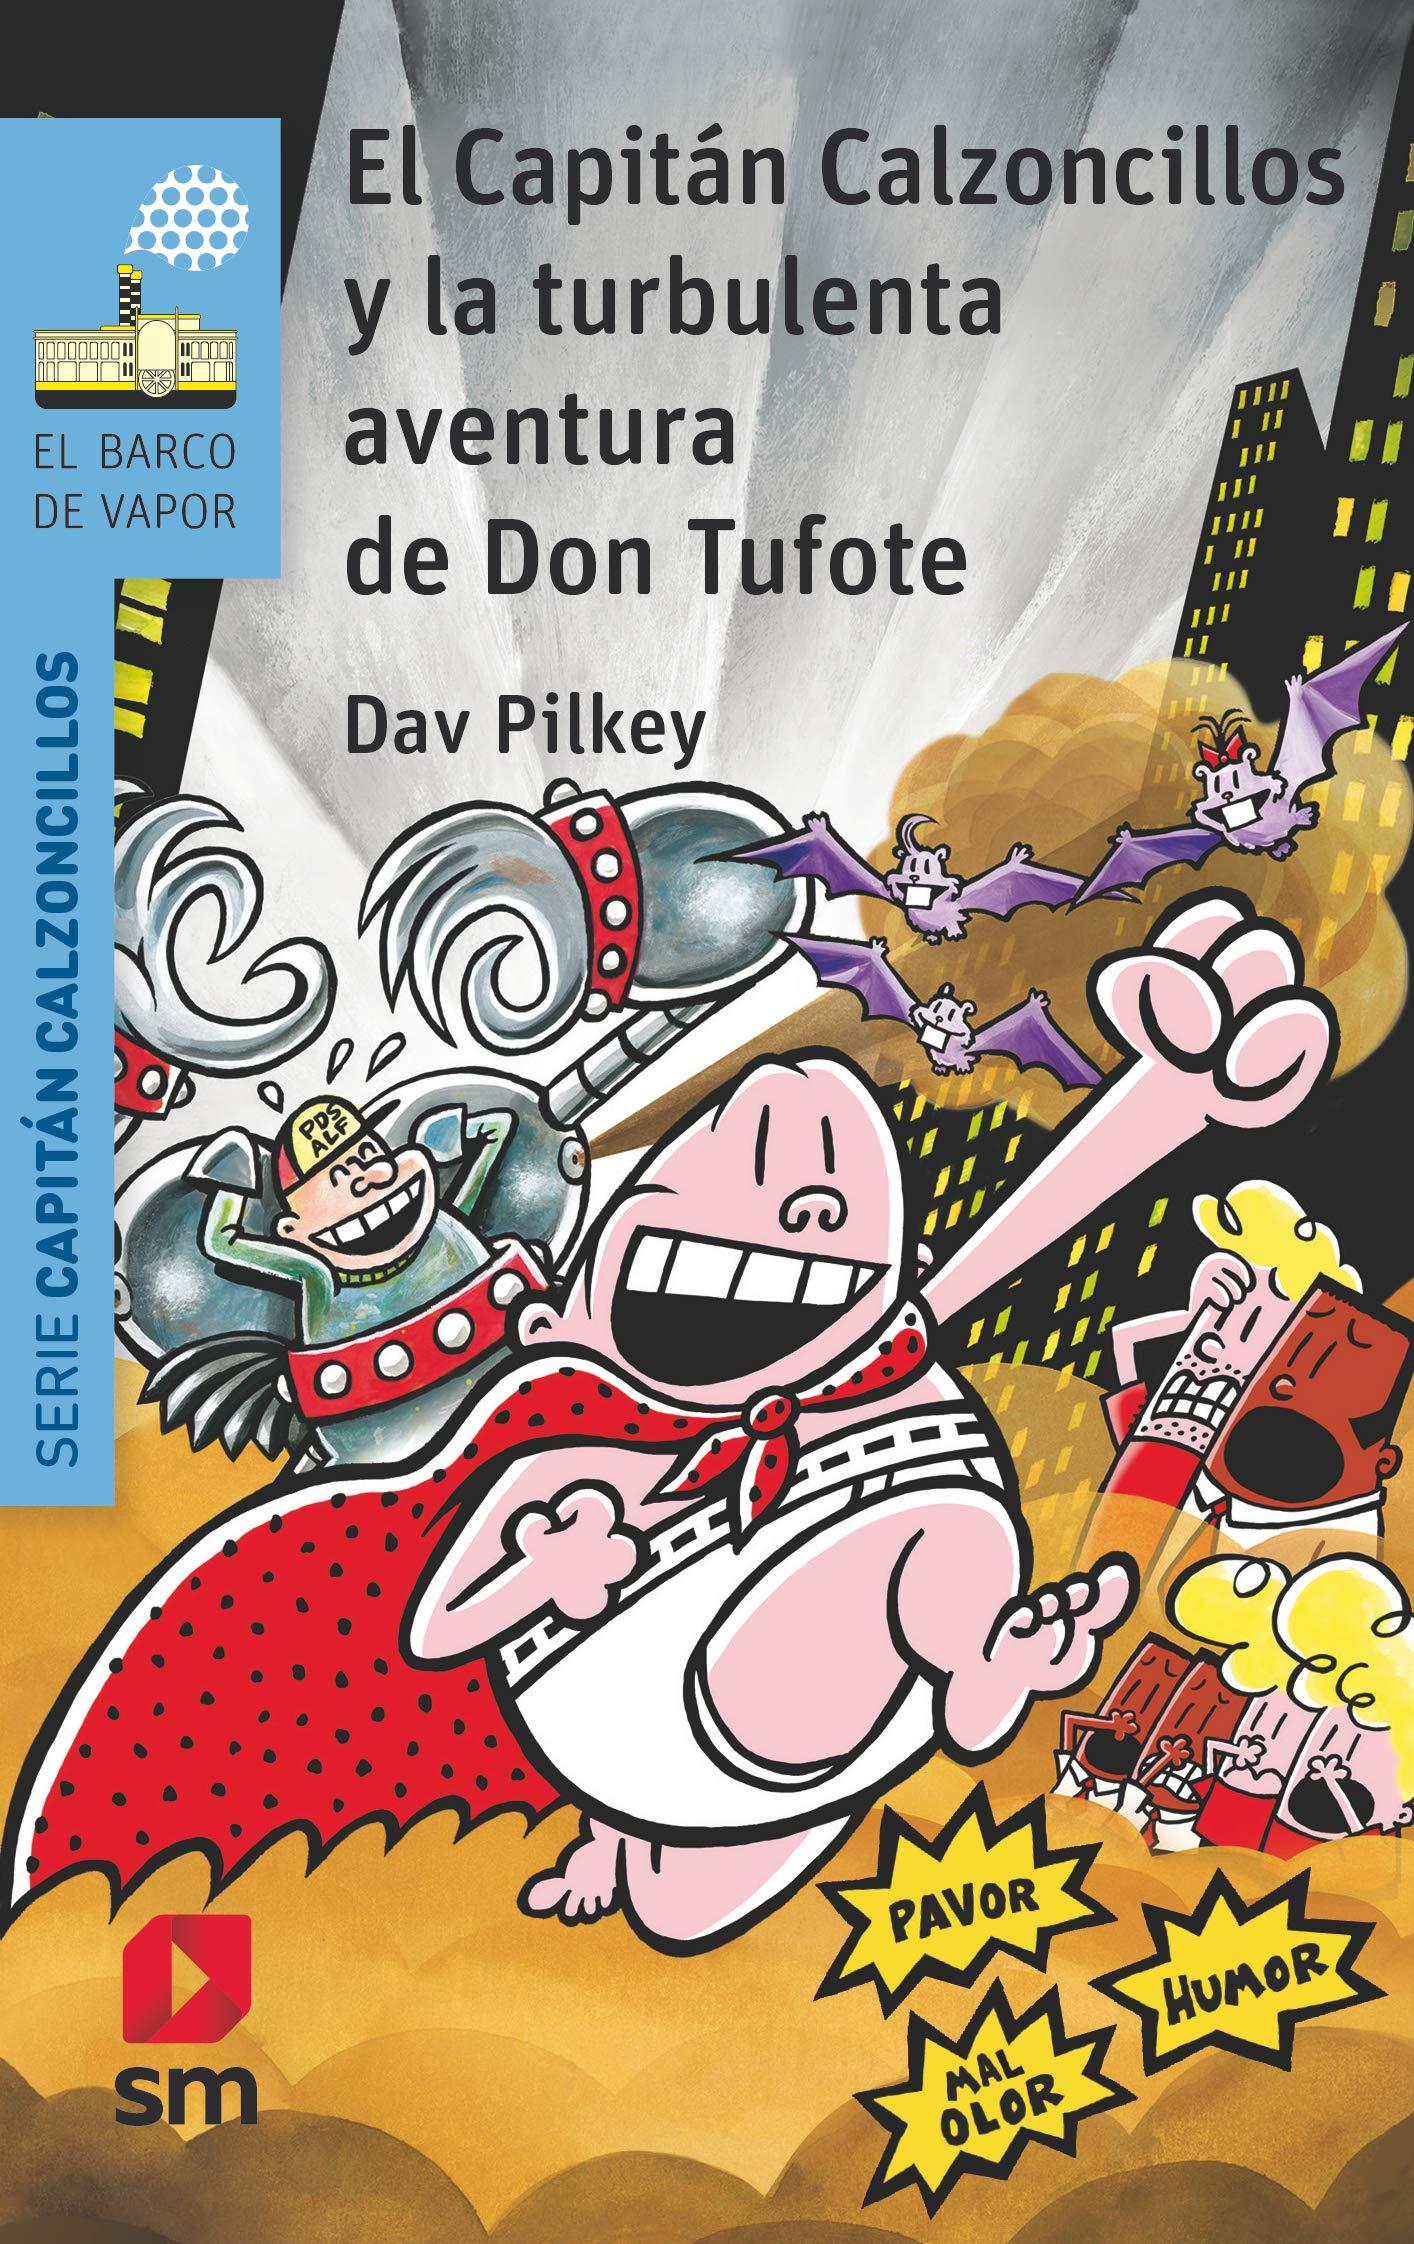 El Capitán Calzoncillos y la turbulenta aventura de Don Tufote (El Barco de Vapor Azul)